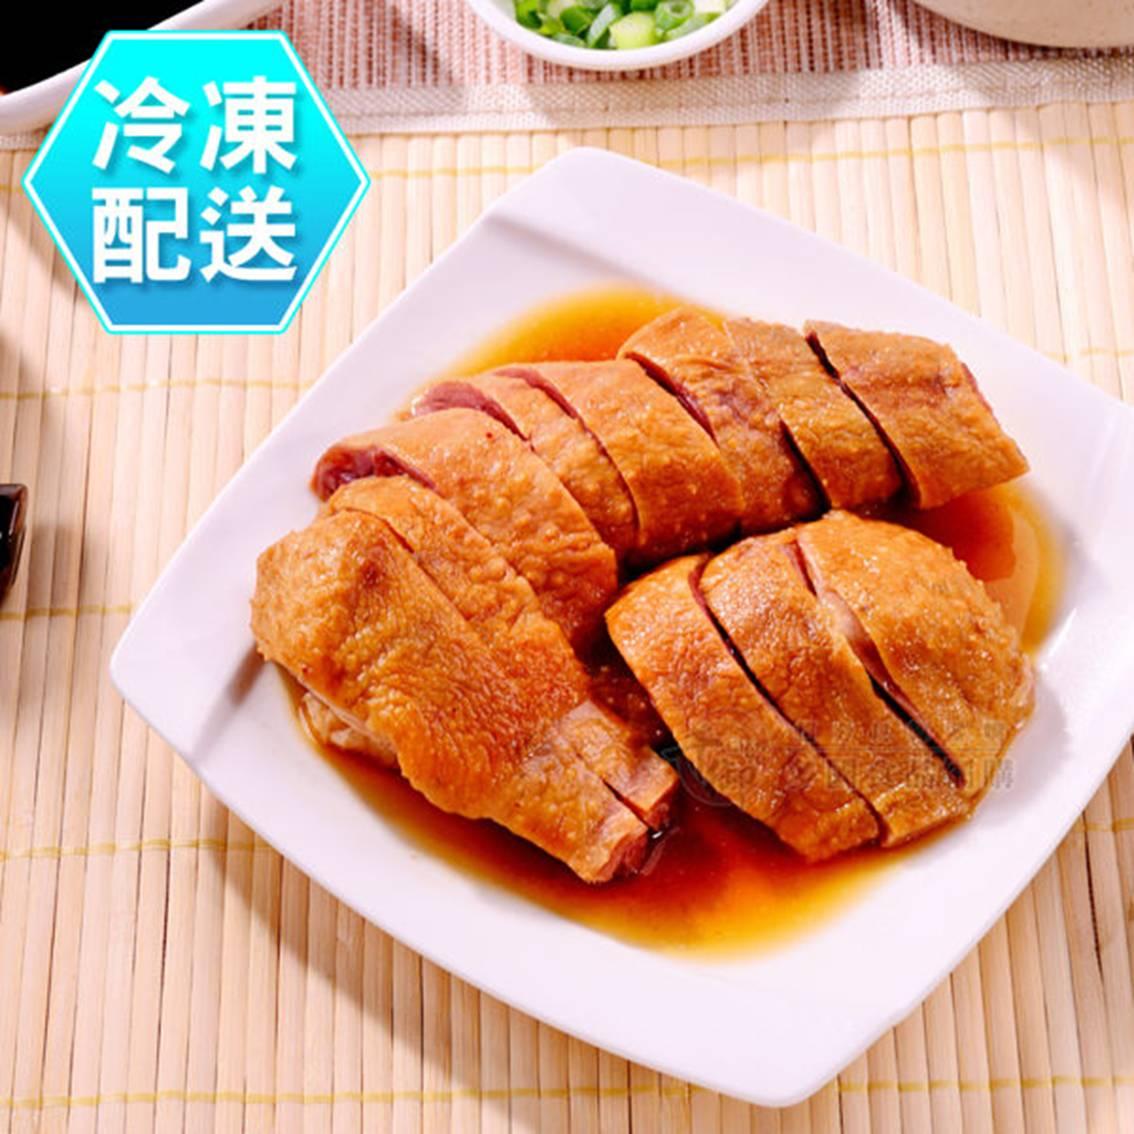 樂活生活館  蜂蜜煙燻茶鴨 (切盤) 800g 冷凍配送  蔗雞王